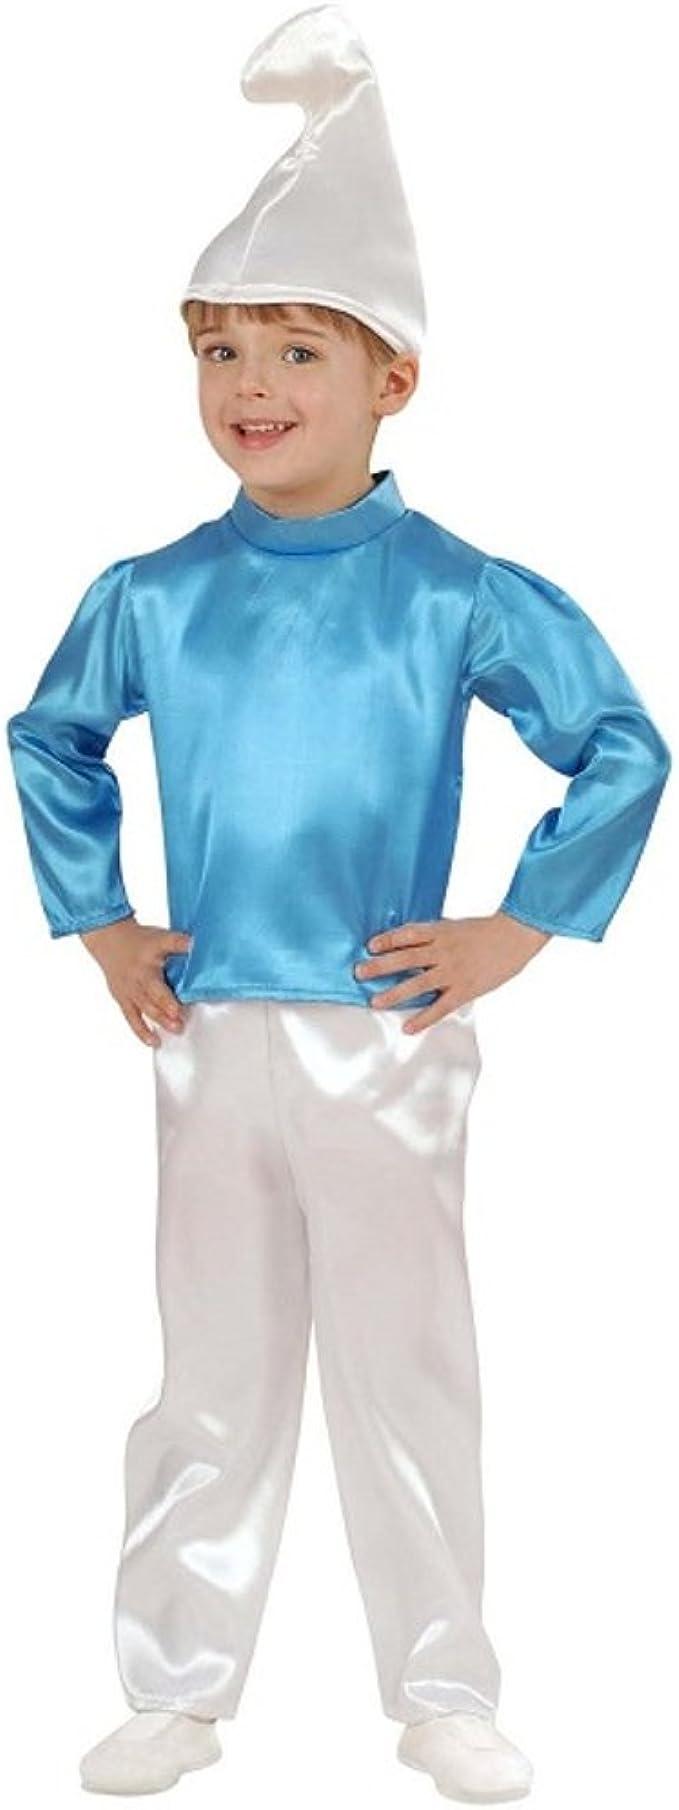 WIDMANN Disfraz Carnaval niño Disfraz niño Nano Azul Pitufo ...